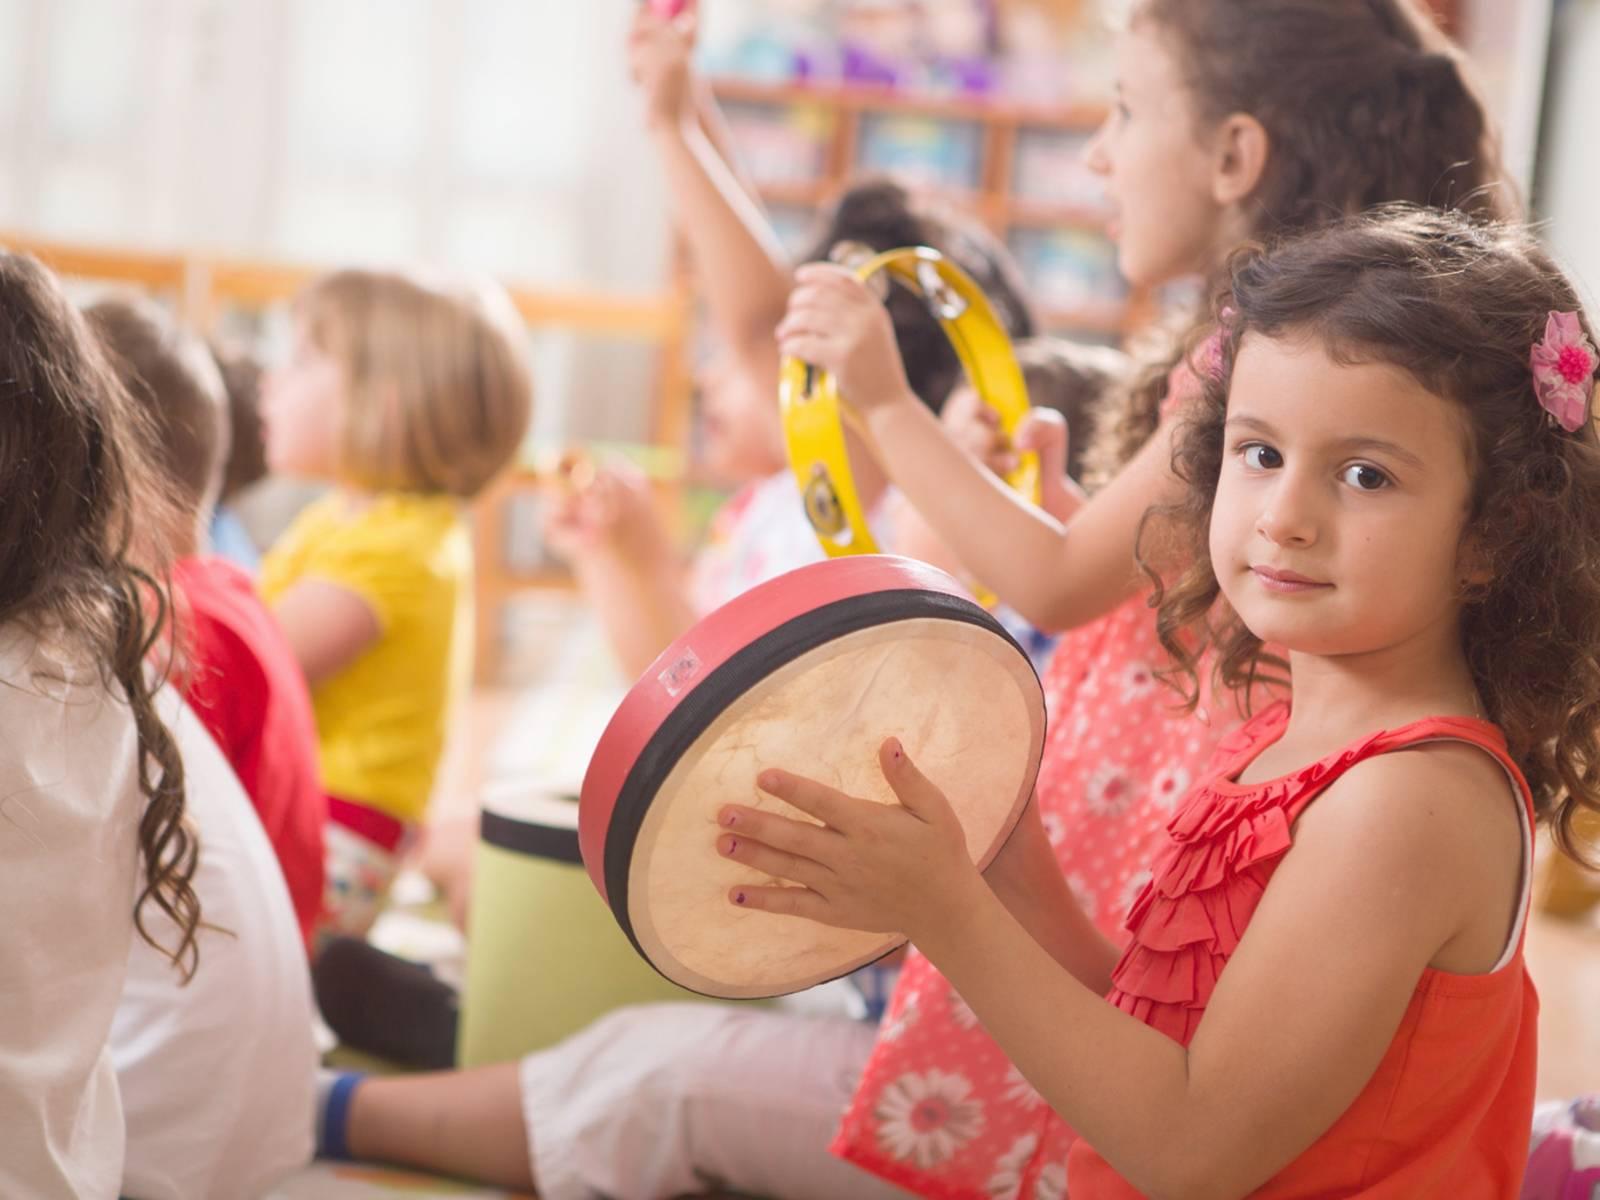 Kurse für Elementare Musikerziehung bietet die Musikschule der Landeshauptstadt an.